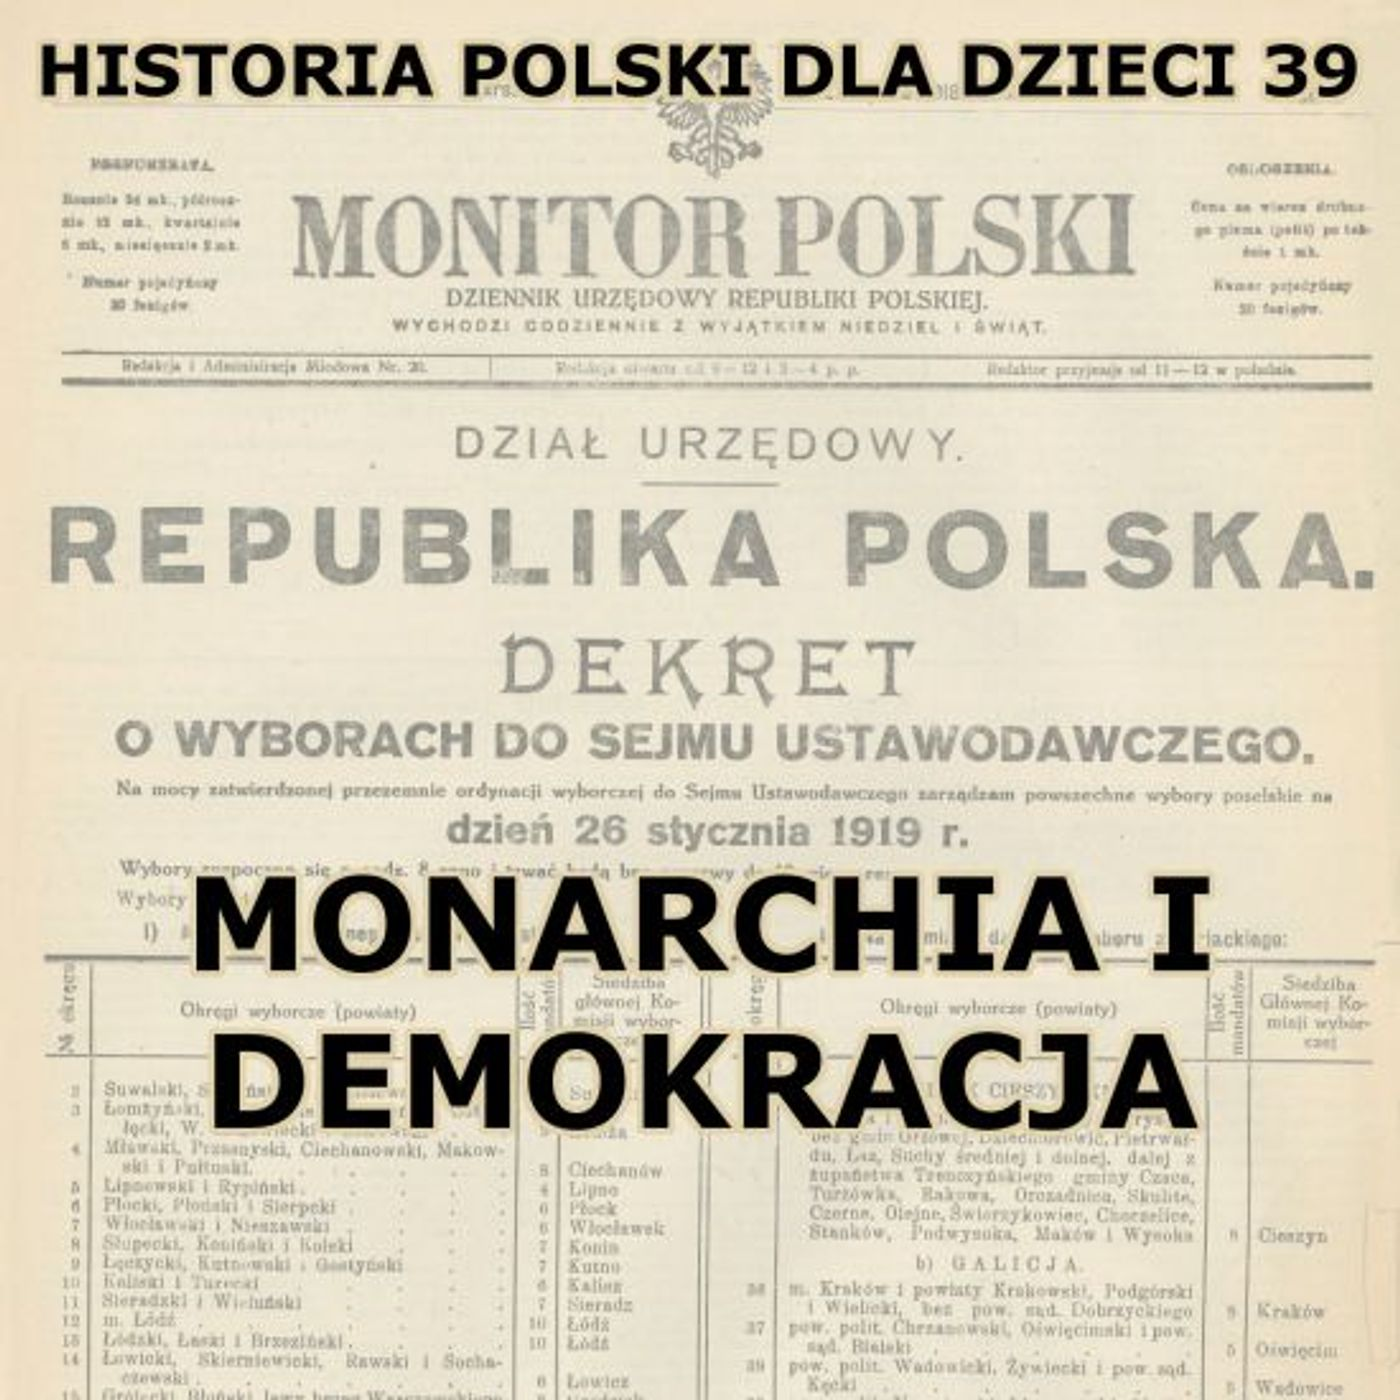 39 - Monarchia i demokracja